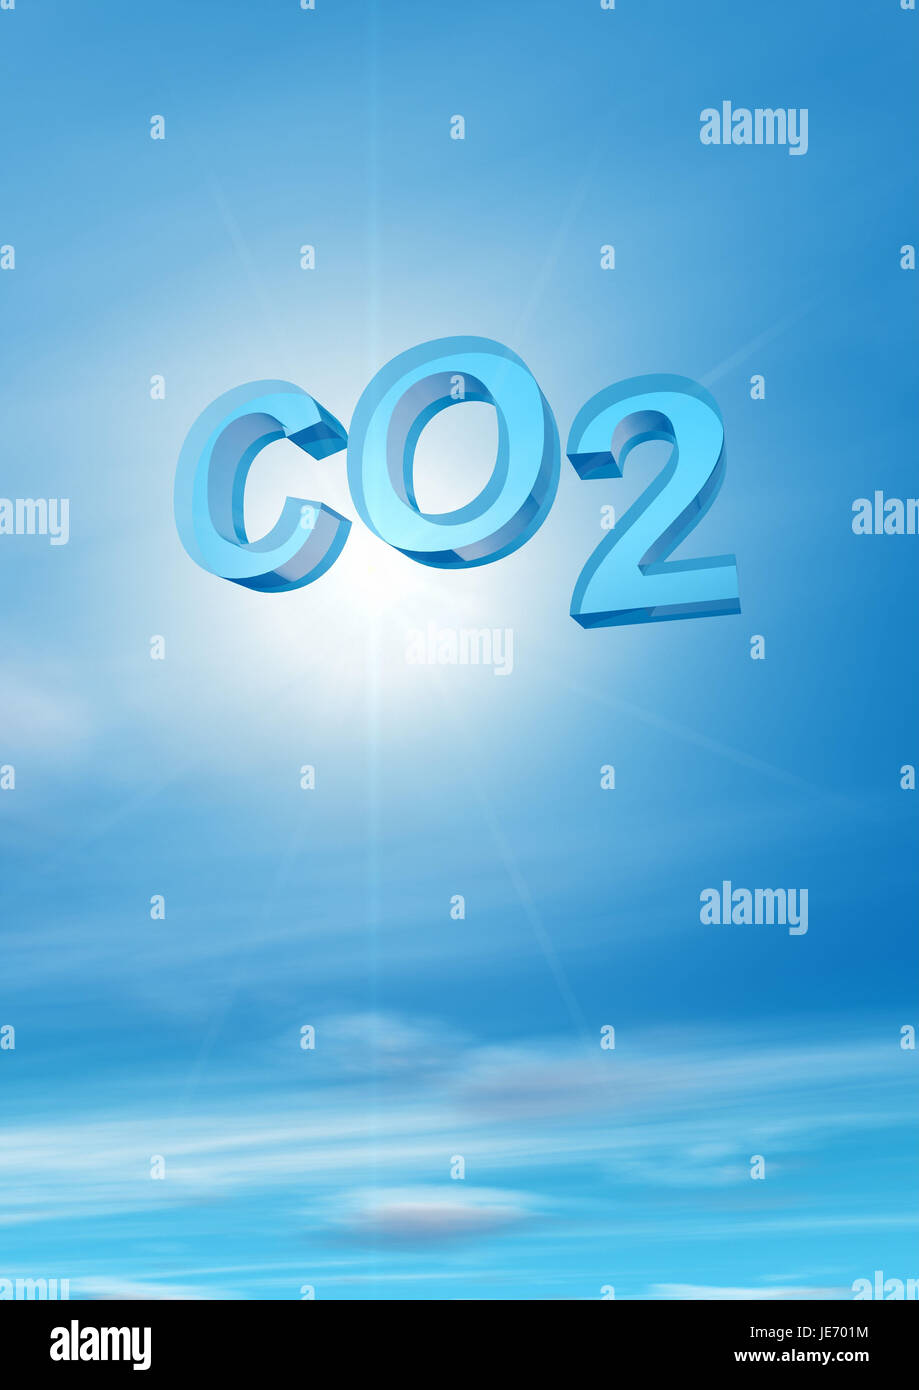 CO2 - Biossido di carbonio, Immagini Stock